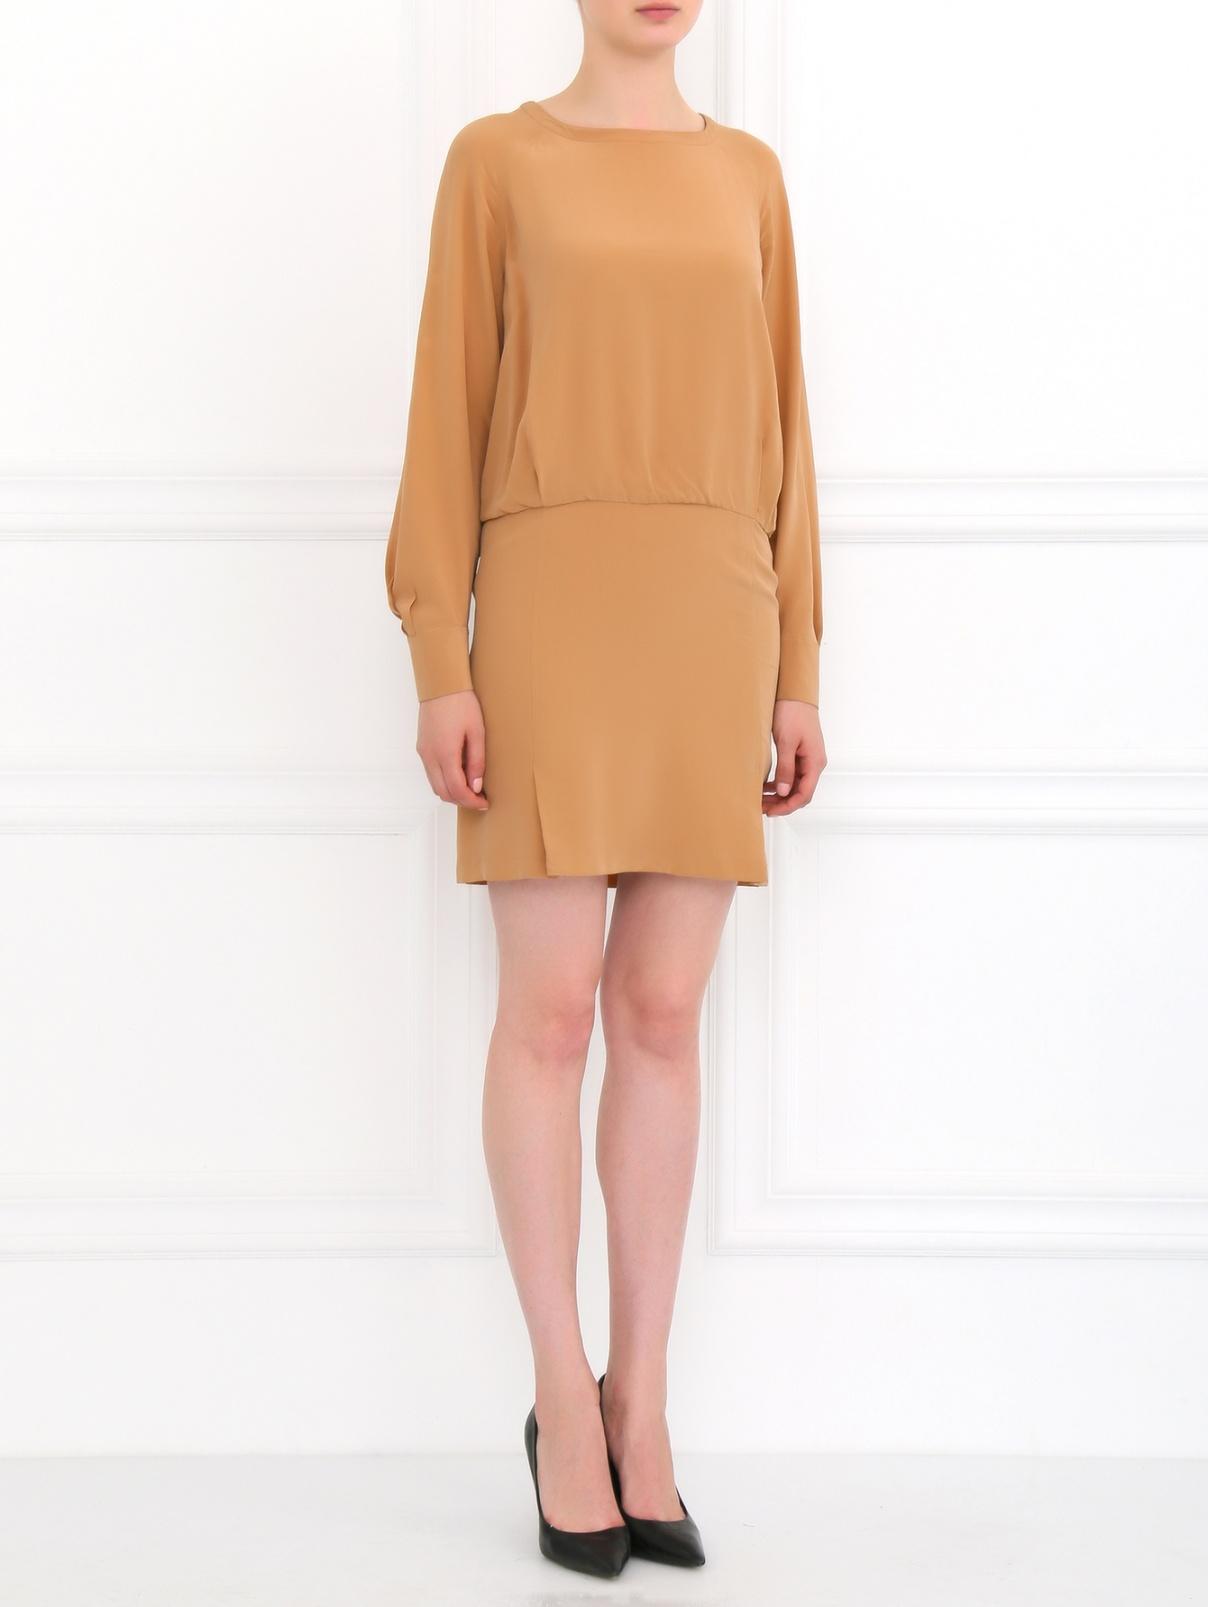 Платье свободного кроя из шелка See by Chloé  –  Модель Общий вид  – Цвет:  Оранжевый